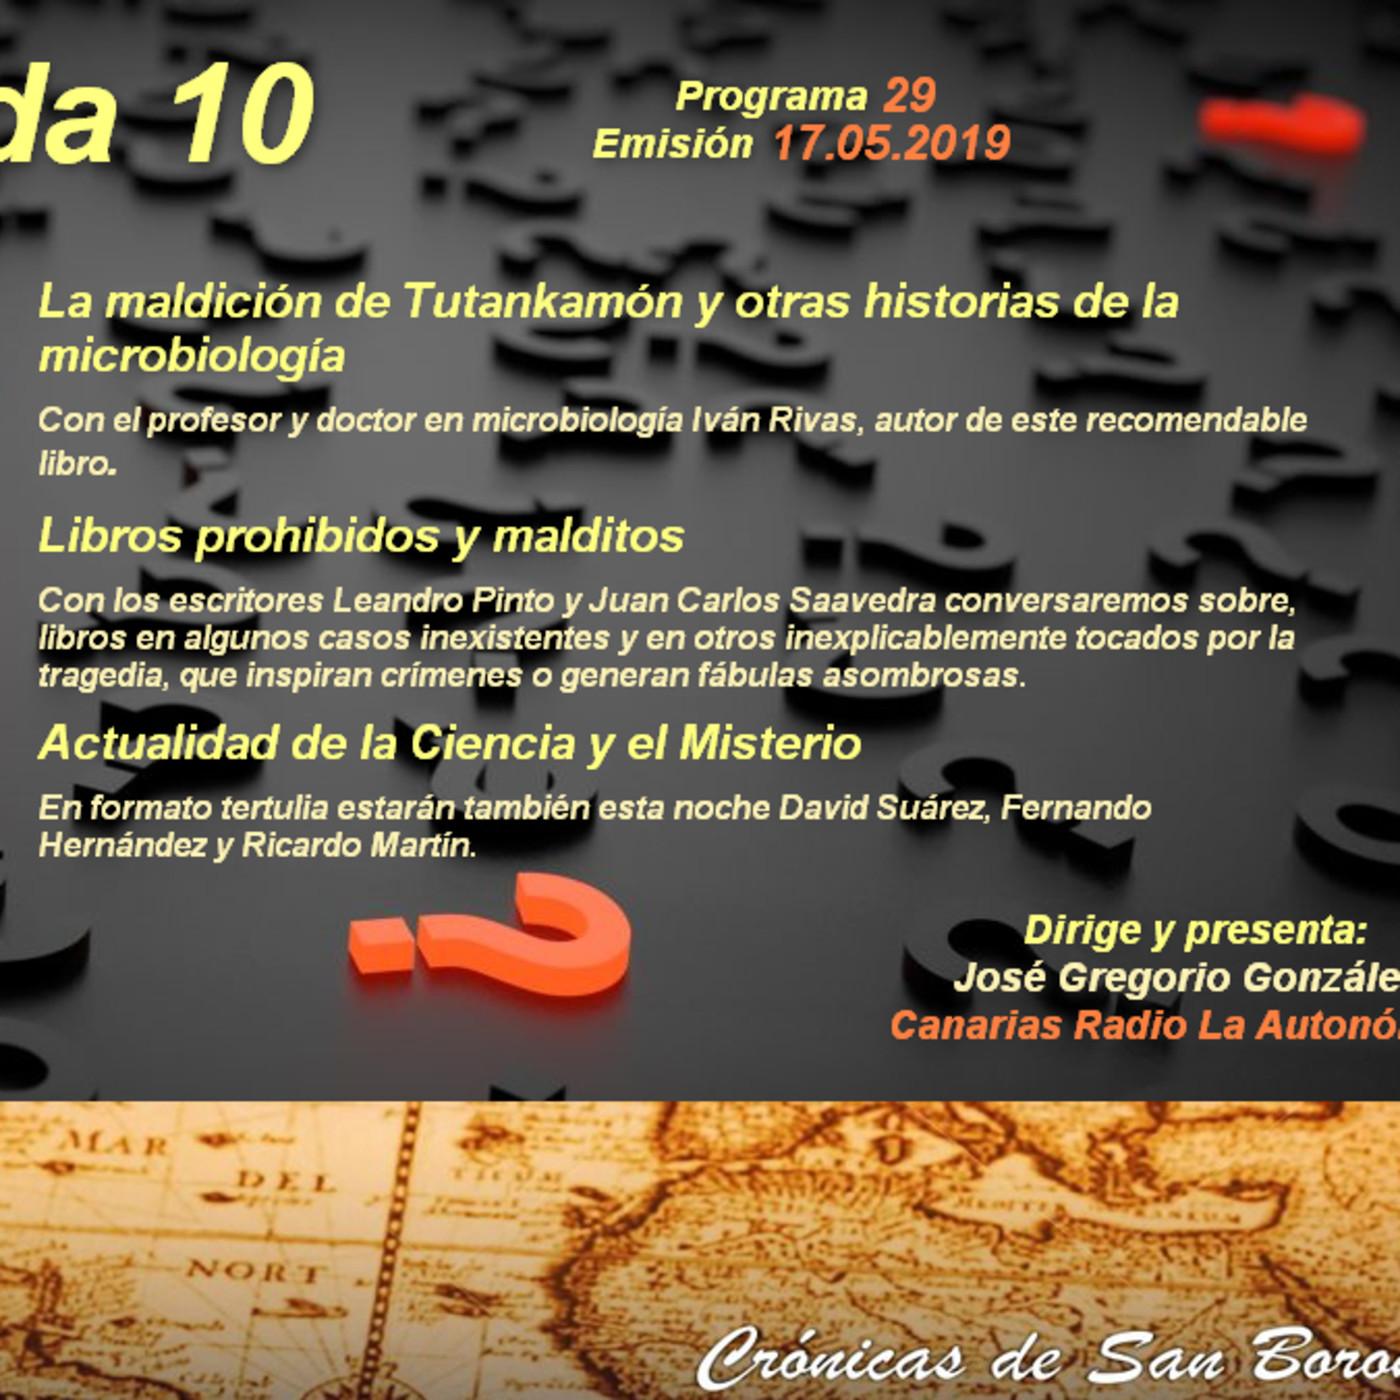 T10x29] Libros prohibidos y malditos|Tutankamón y la microbiología ...